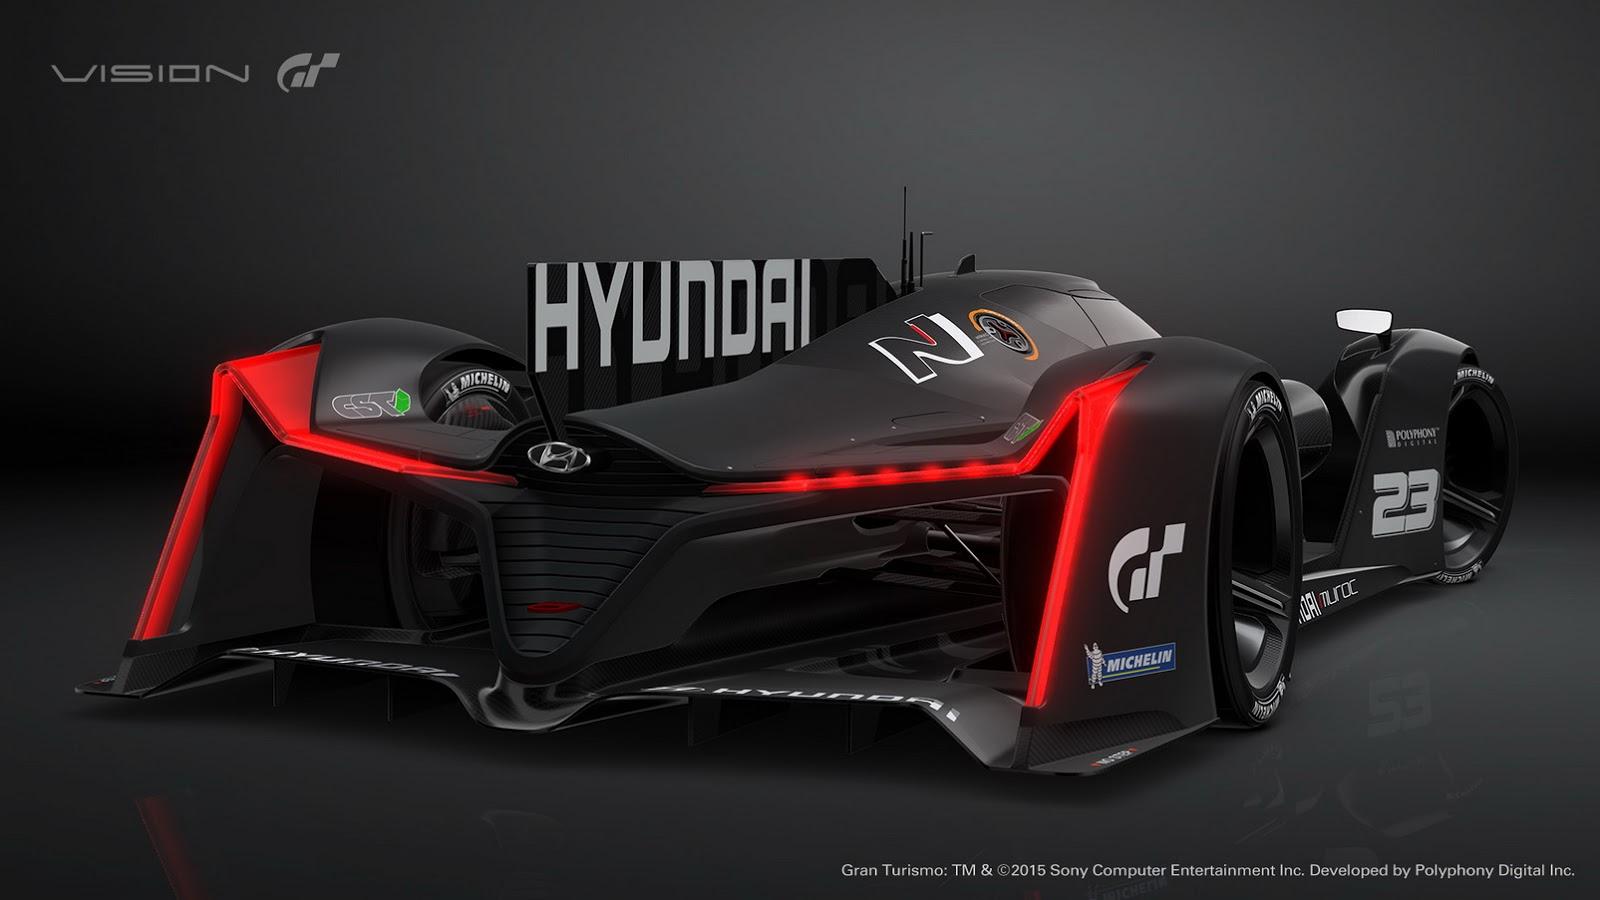 hyundai-n-2025-vision-gran-turismo-2015_0-100_32